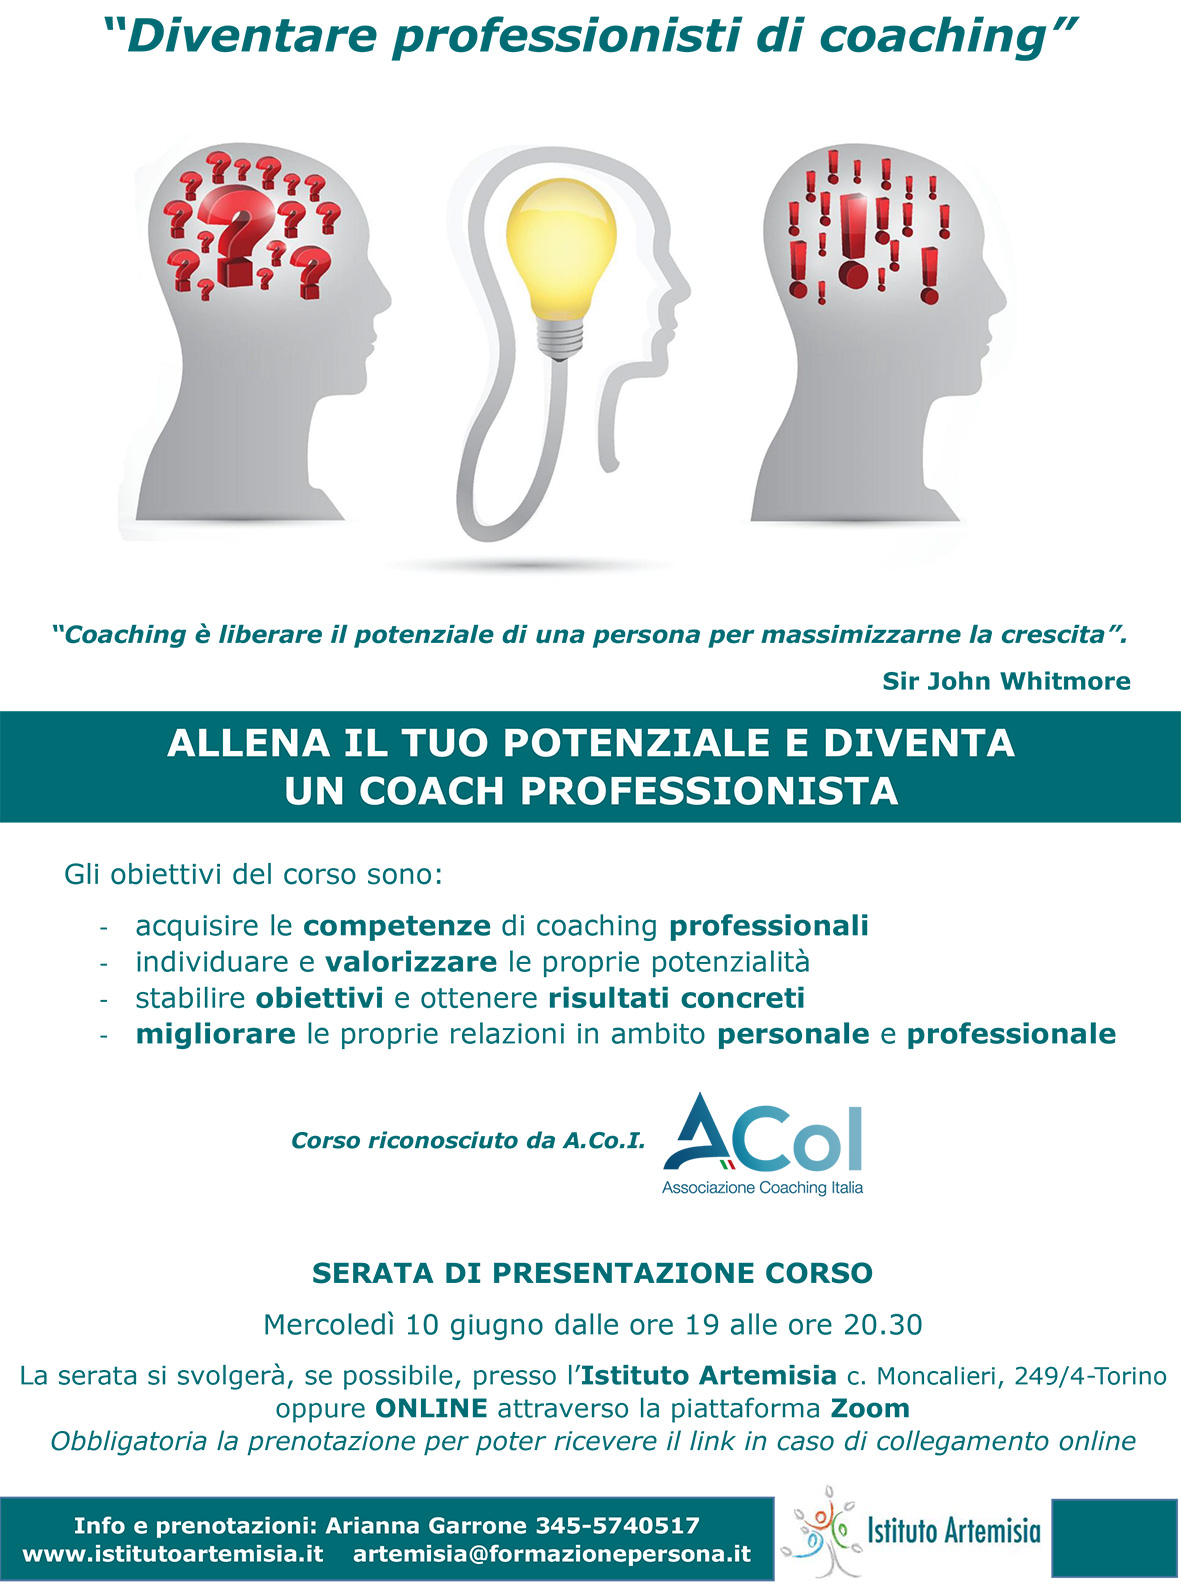 Presentazione corso di coaching professionale